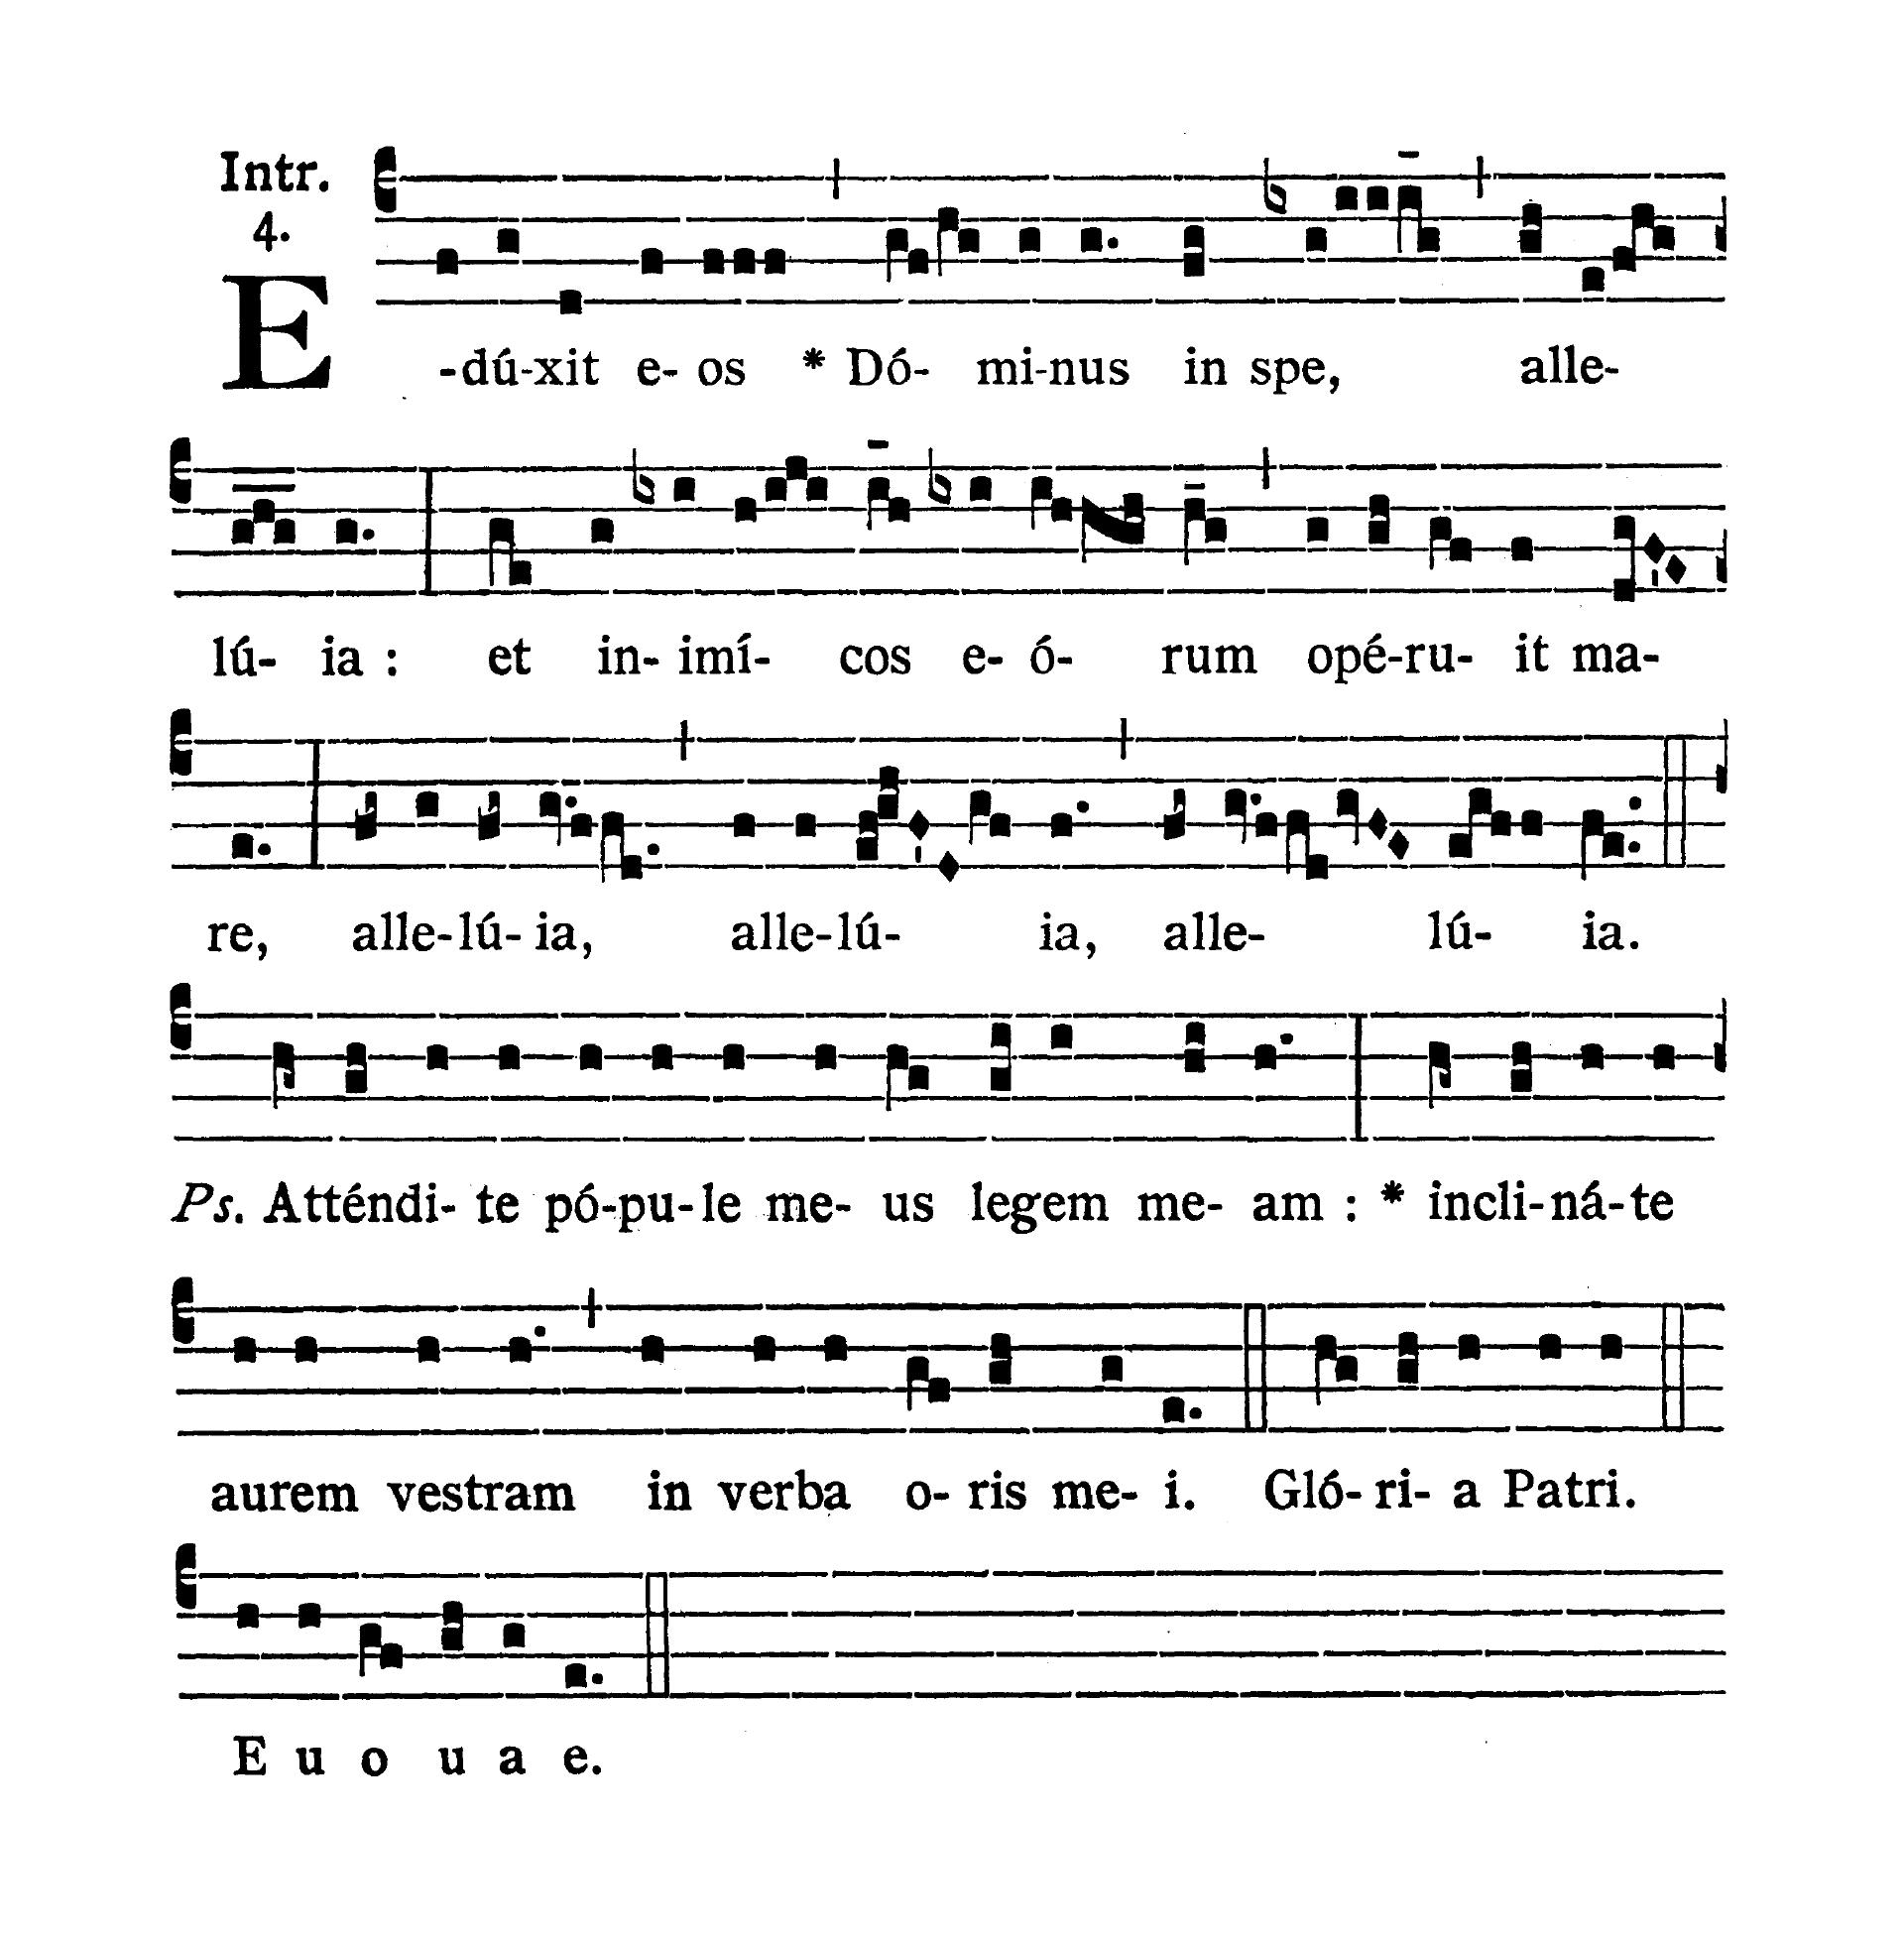 Feria sexta post Pascha (Easter Friday) - Introitus (Eduxit eos Dominus)